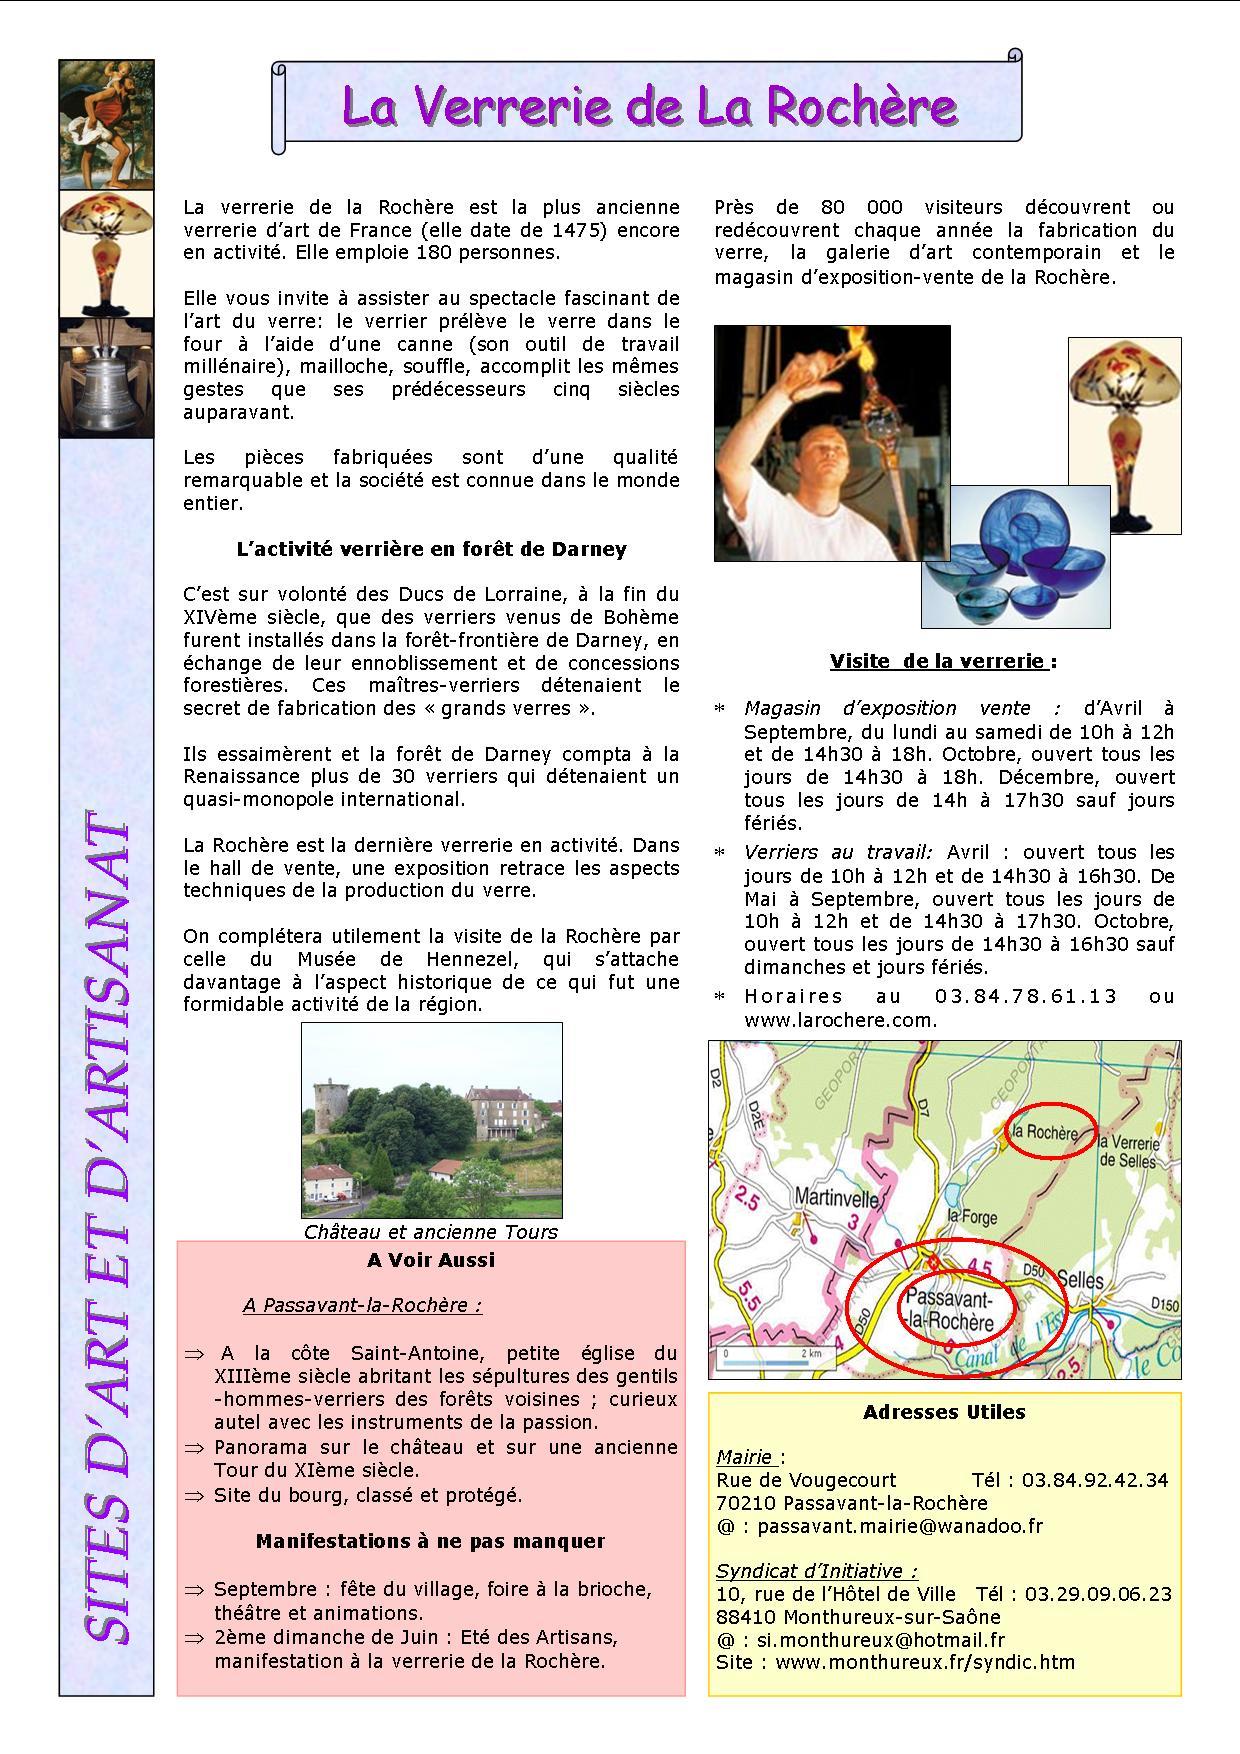 Passavant-la-Rochère